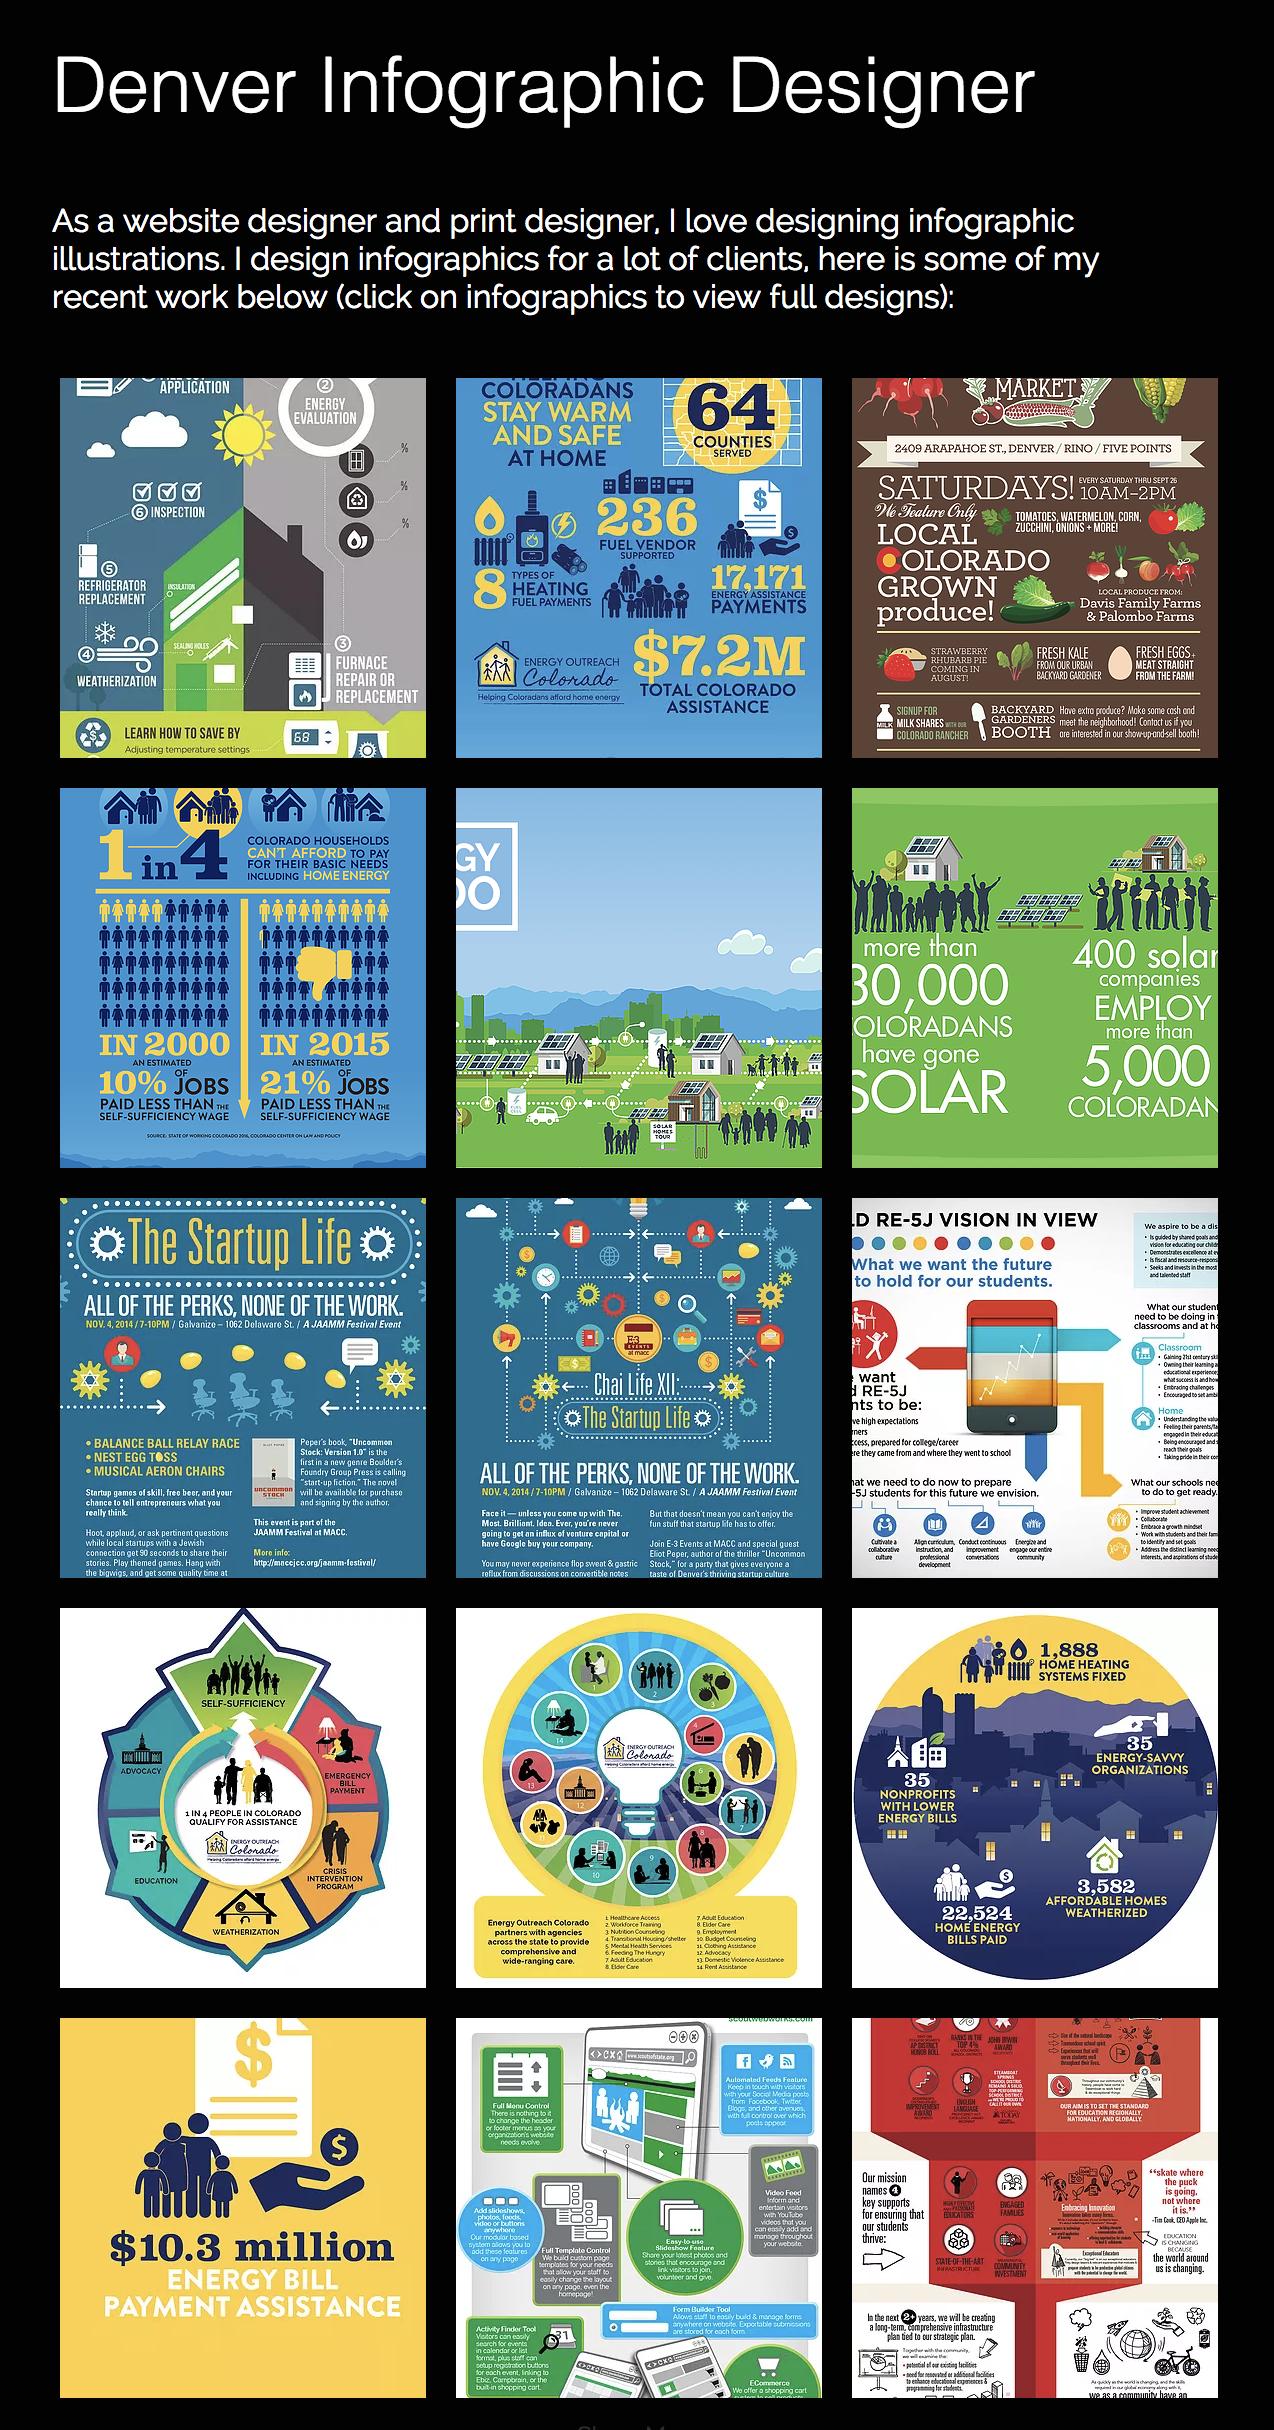 Infographic Designer In Denver Colorado View Portfolio Https Www Picklewix Com Denver Infographic Infographic Design Infographic Infographic Illustration